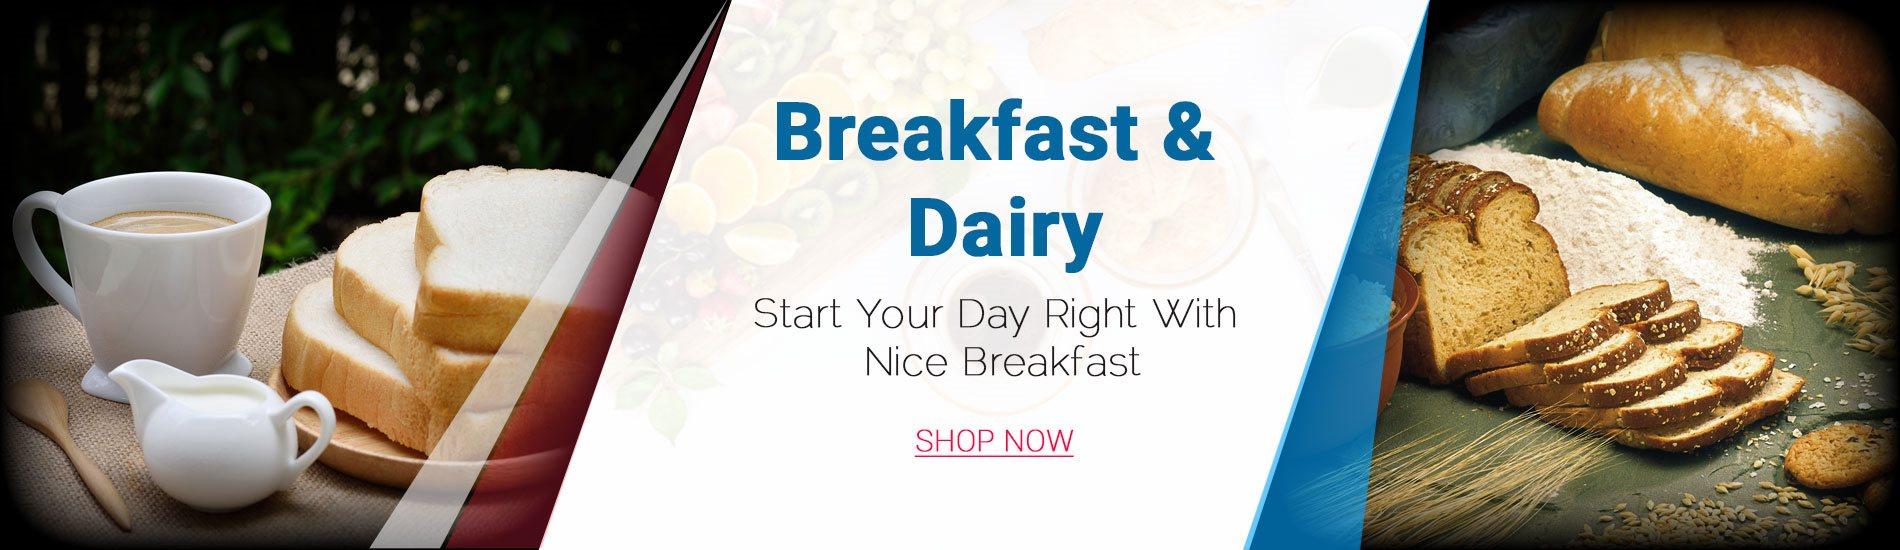 Breakfast & Dairy